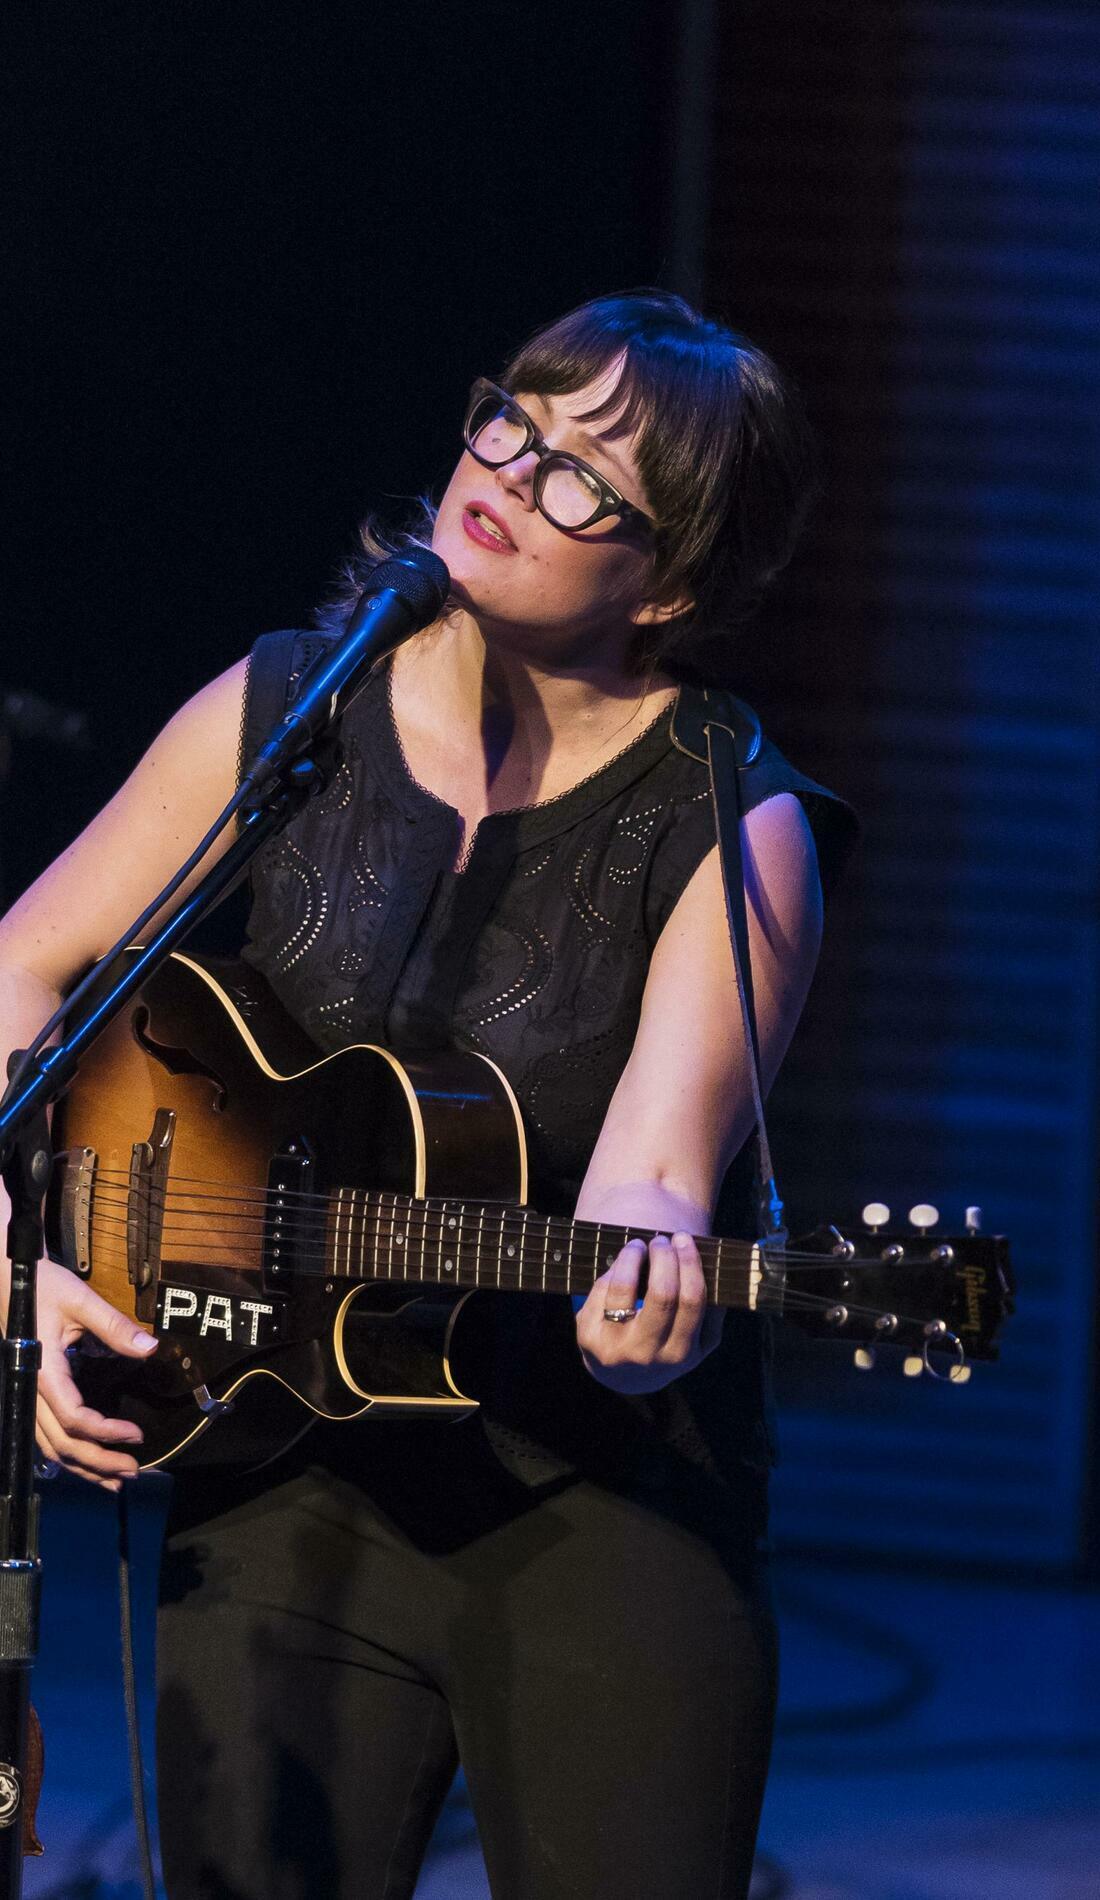 A Sara Watkins live event